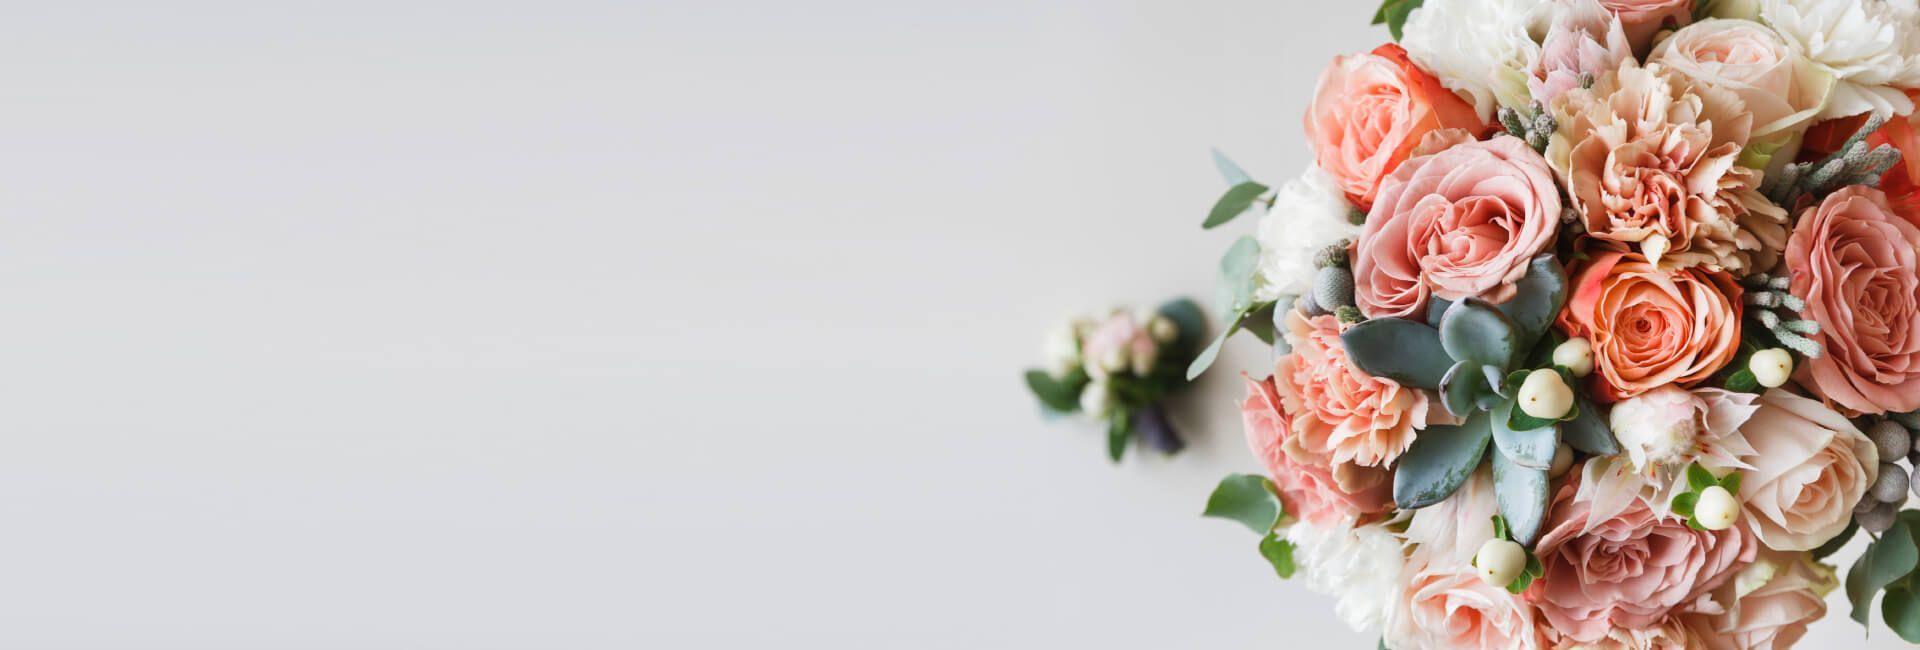 New Arrivals Flower Gifts - Best in Bristol, CT